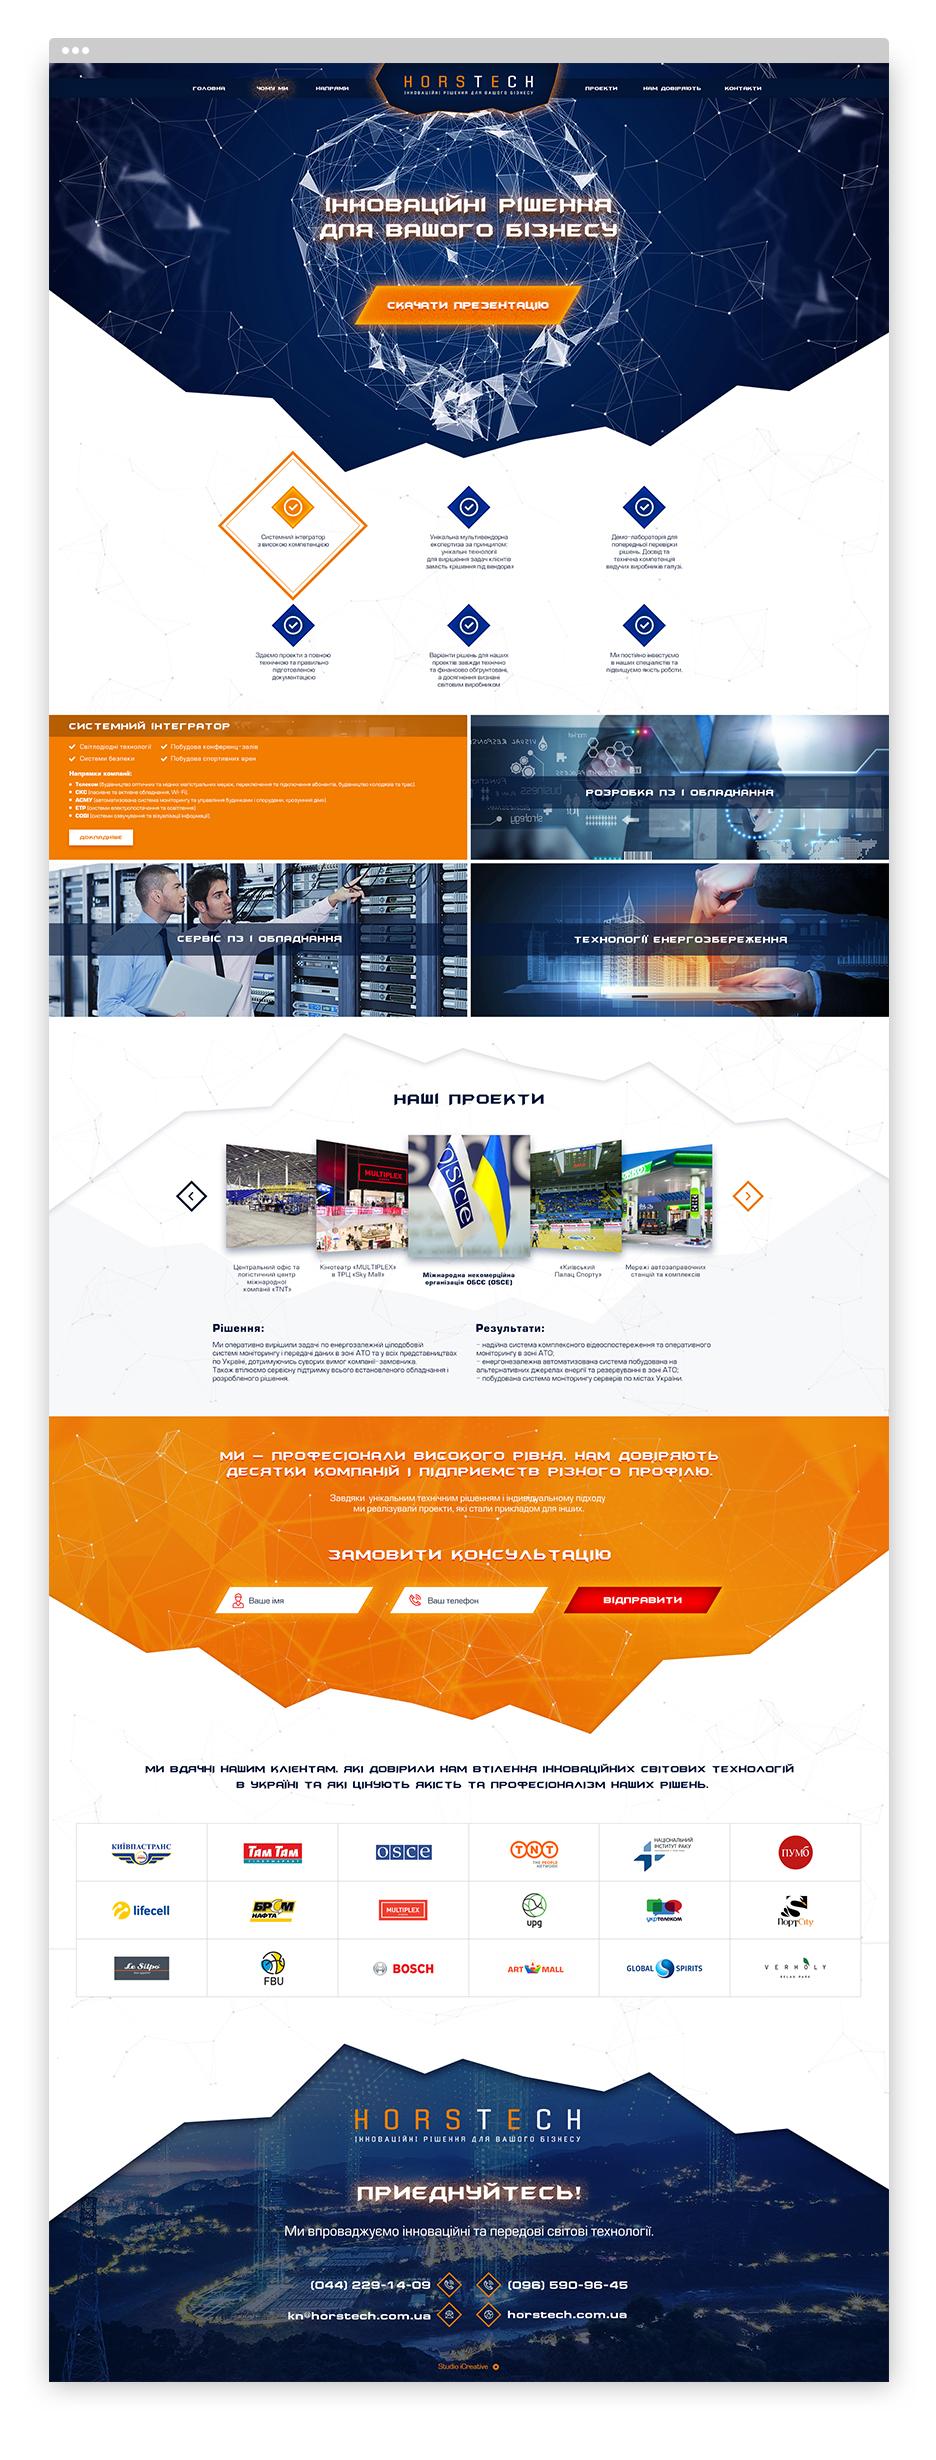 icreative.com.ua_horstech